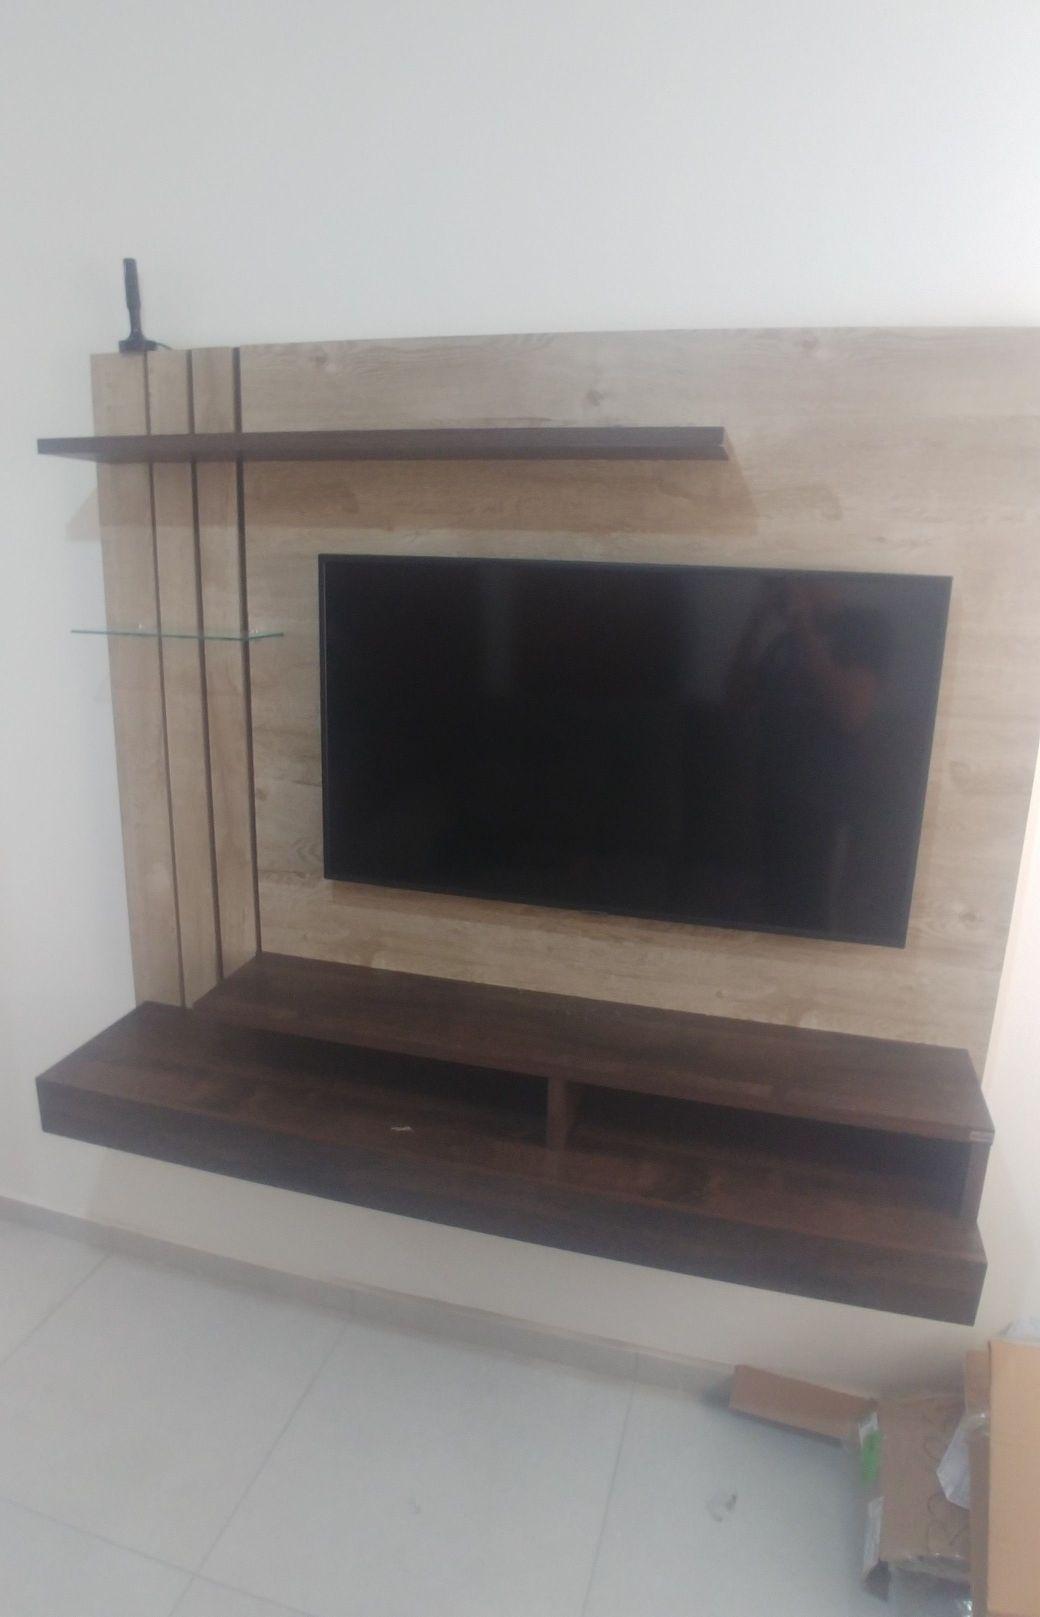 painel e instalação da TV